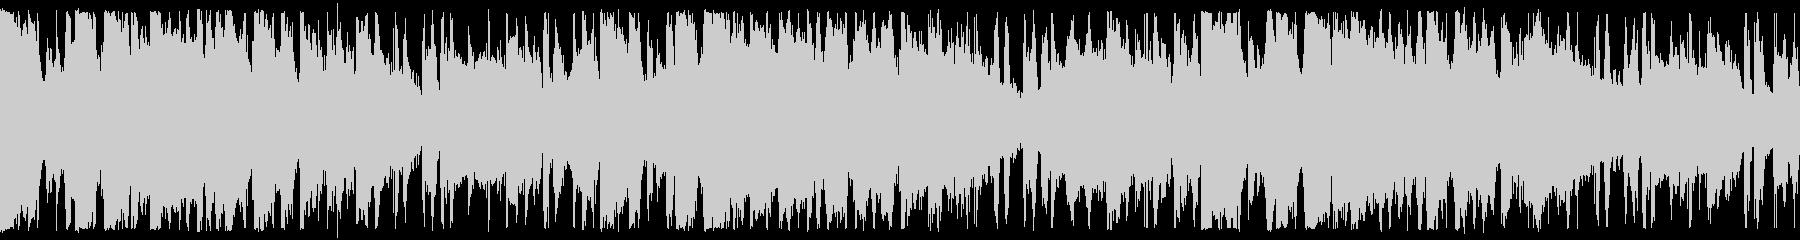 明るいミッドテンポのジャズポップの未再生の波形